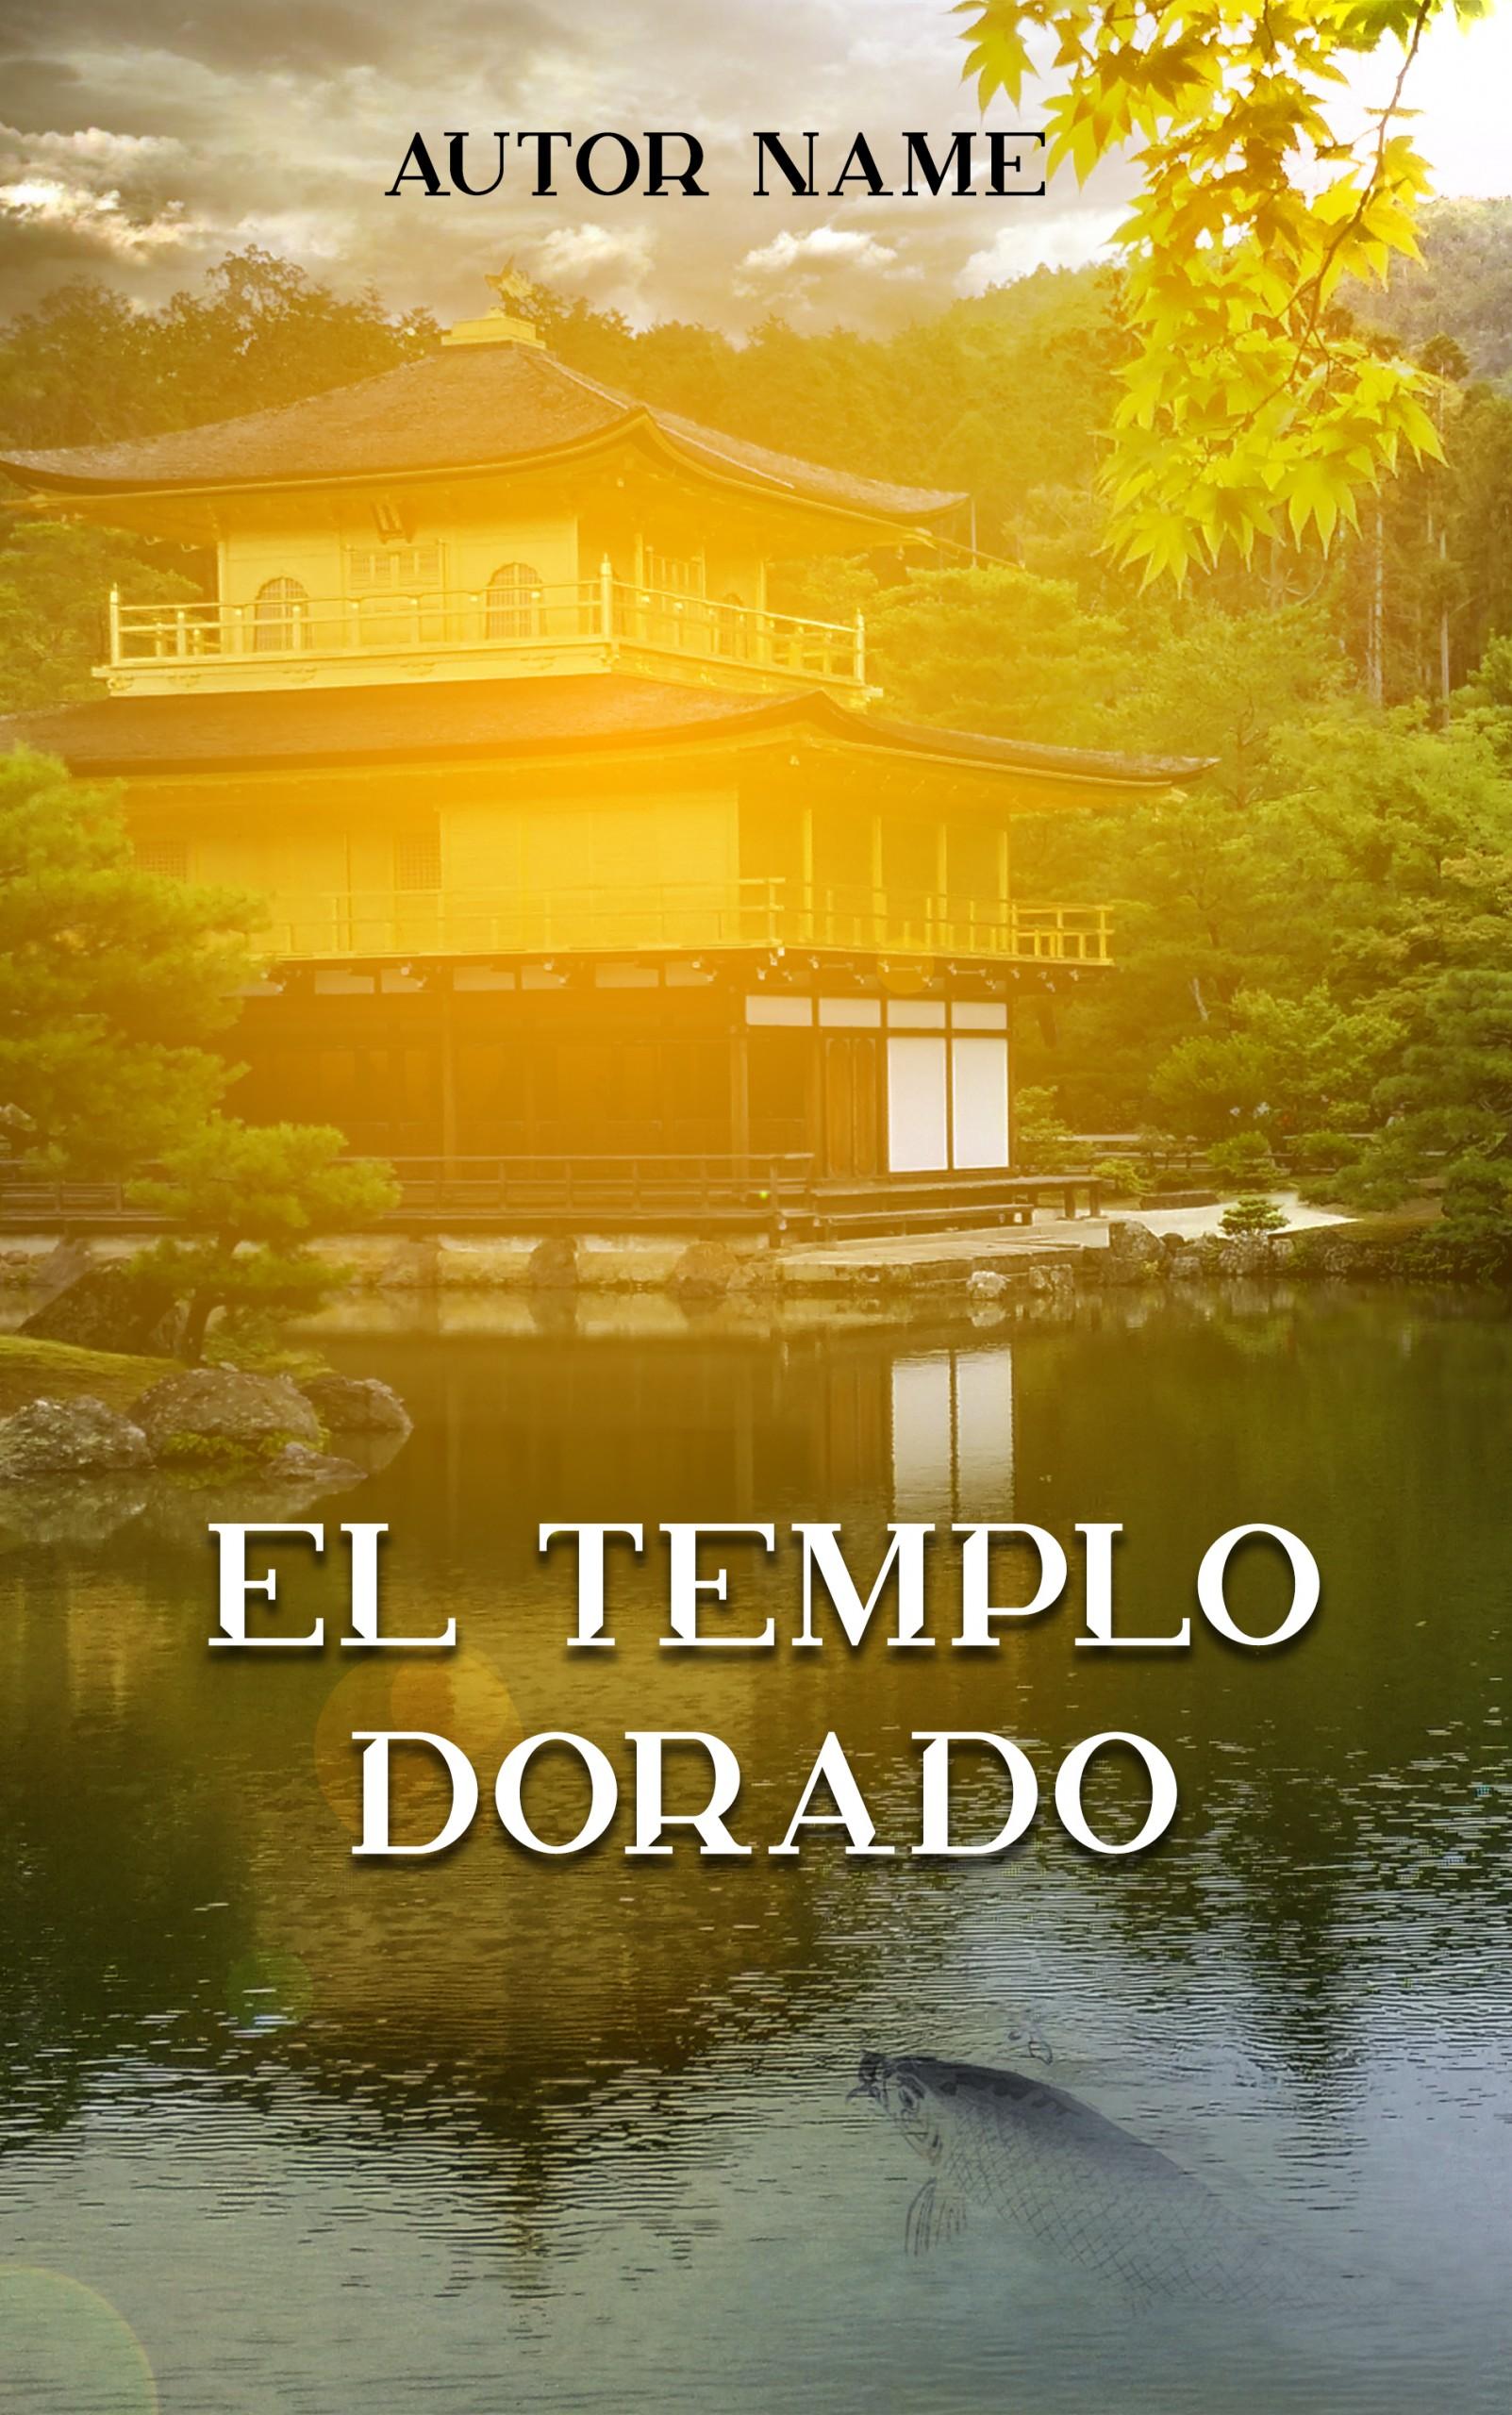 El templo dorado